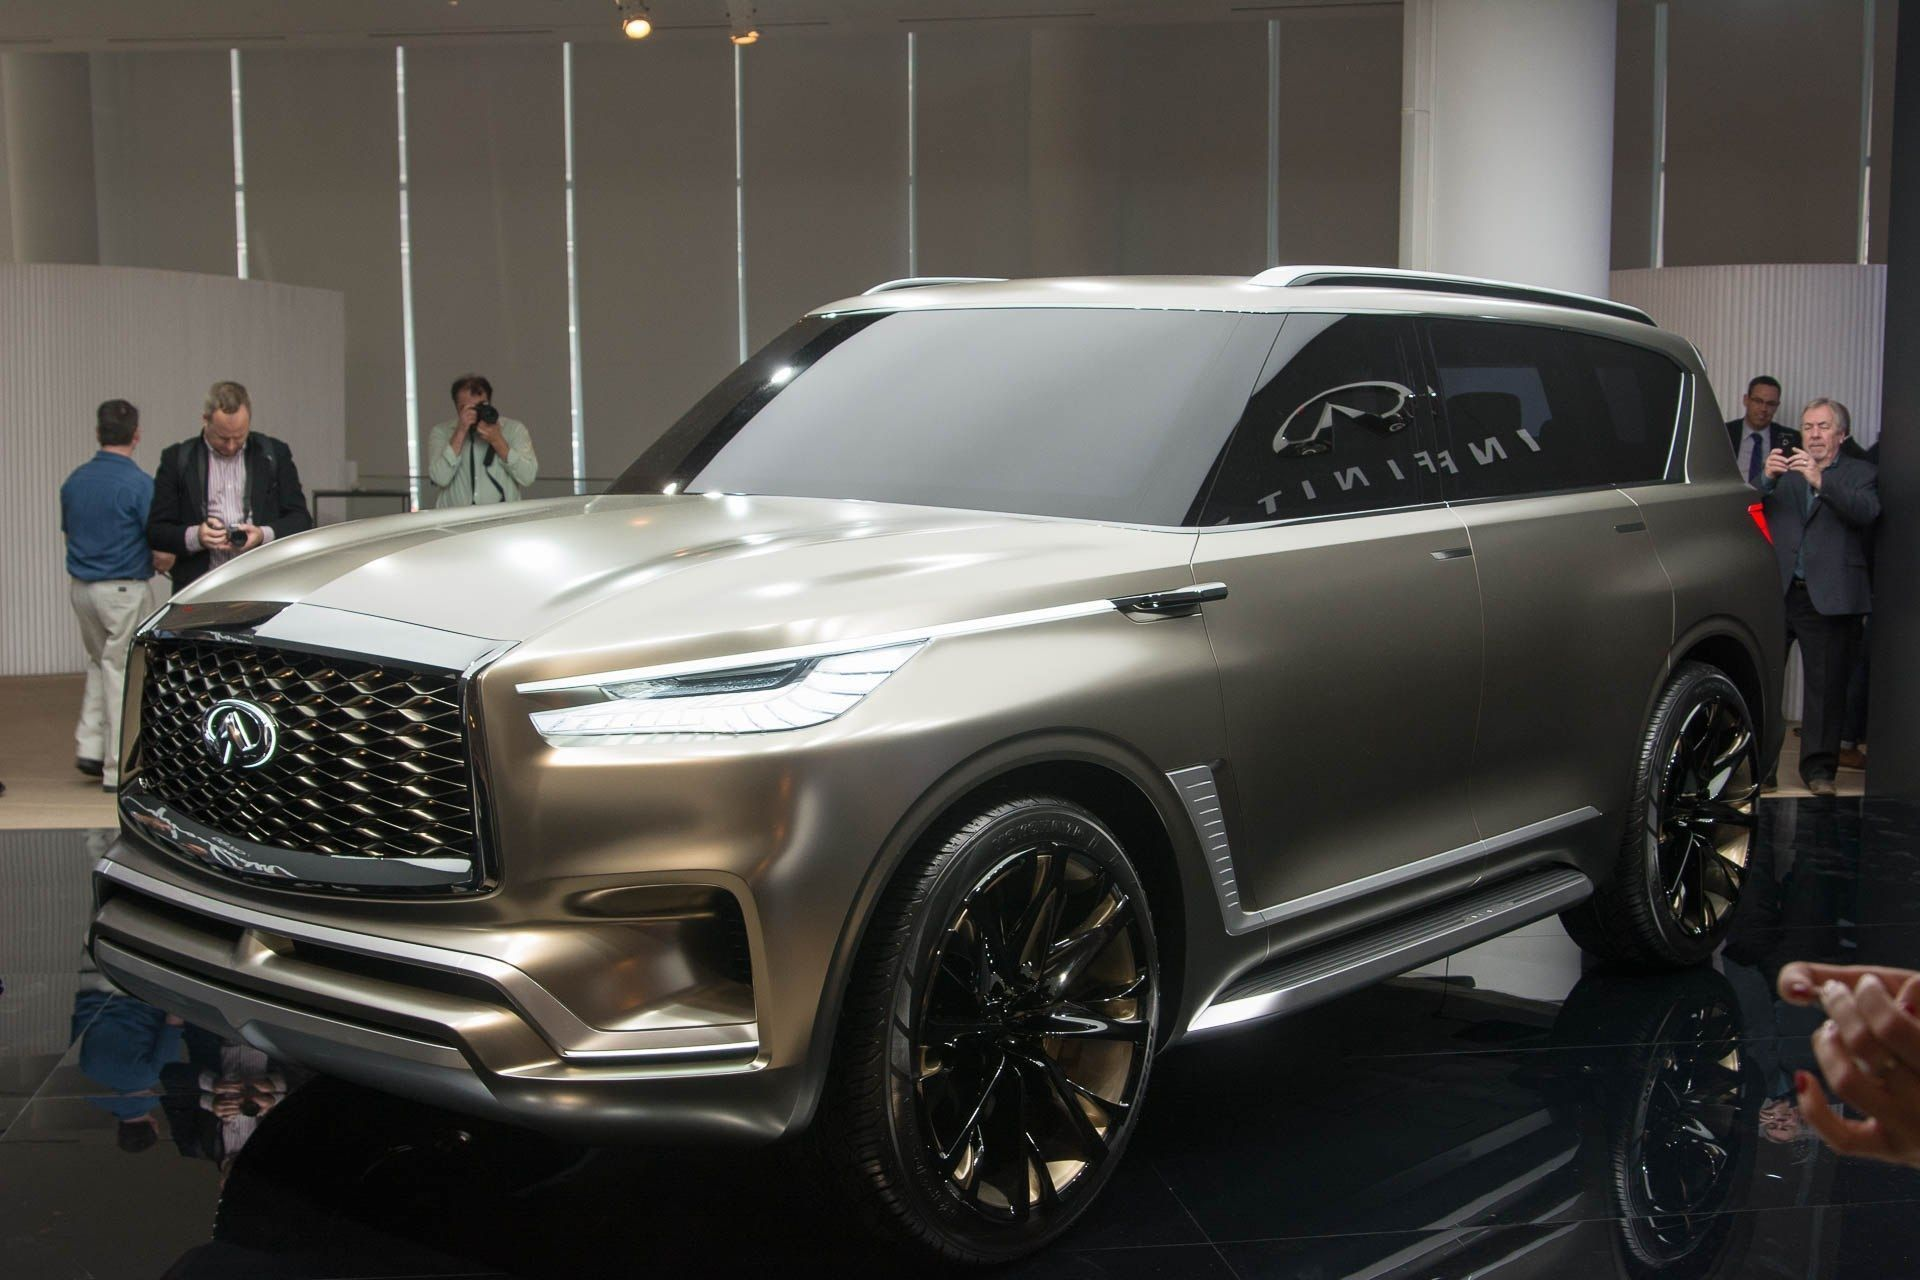 Infiniti Suv 2021 Exterior In 2020 Luxury Suv New Infiniti Infiniti Fx35